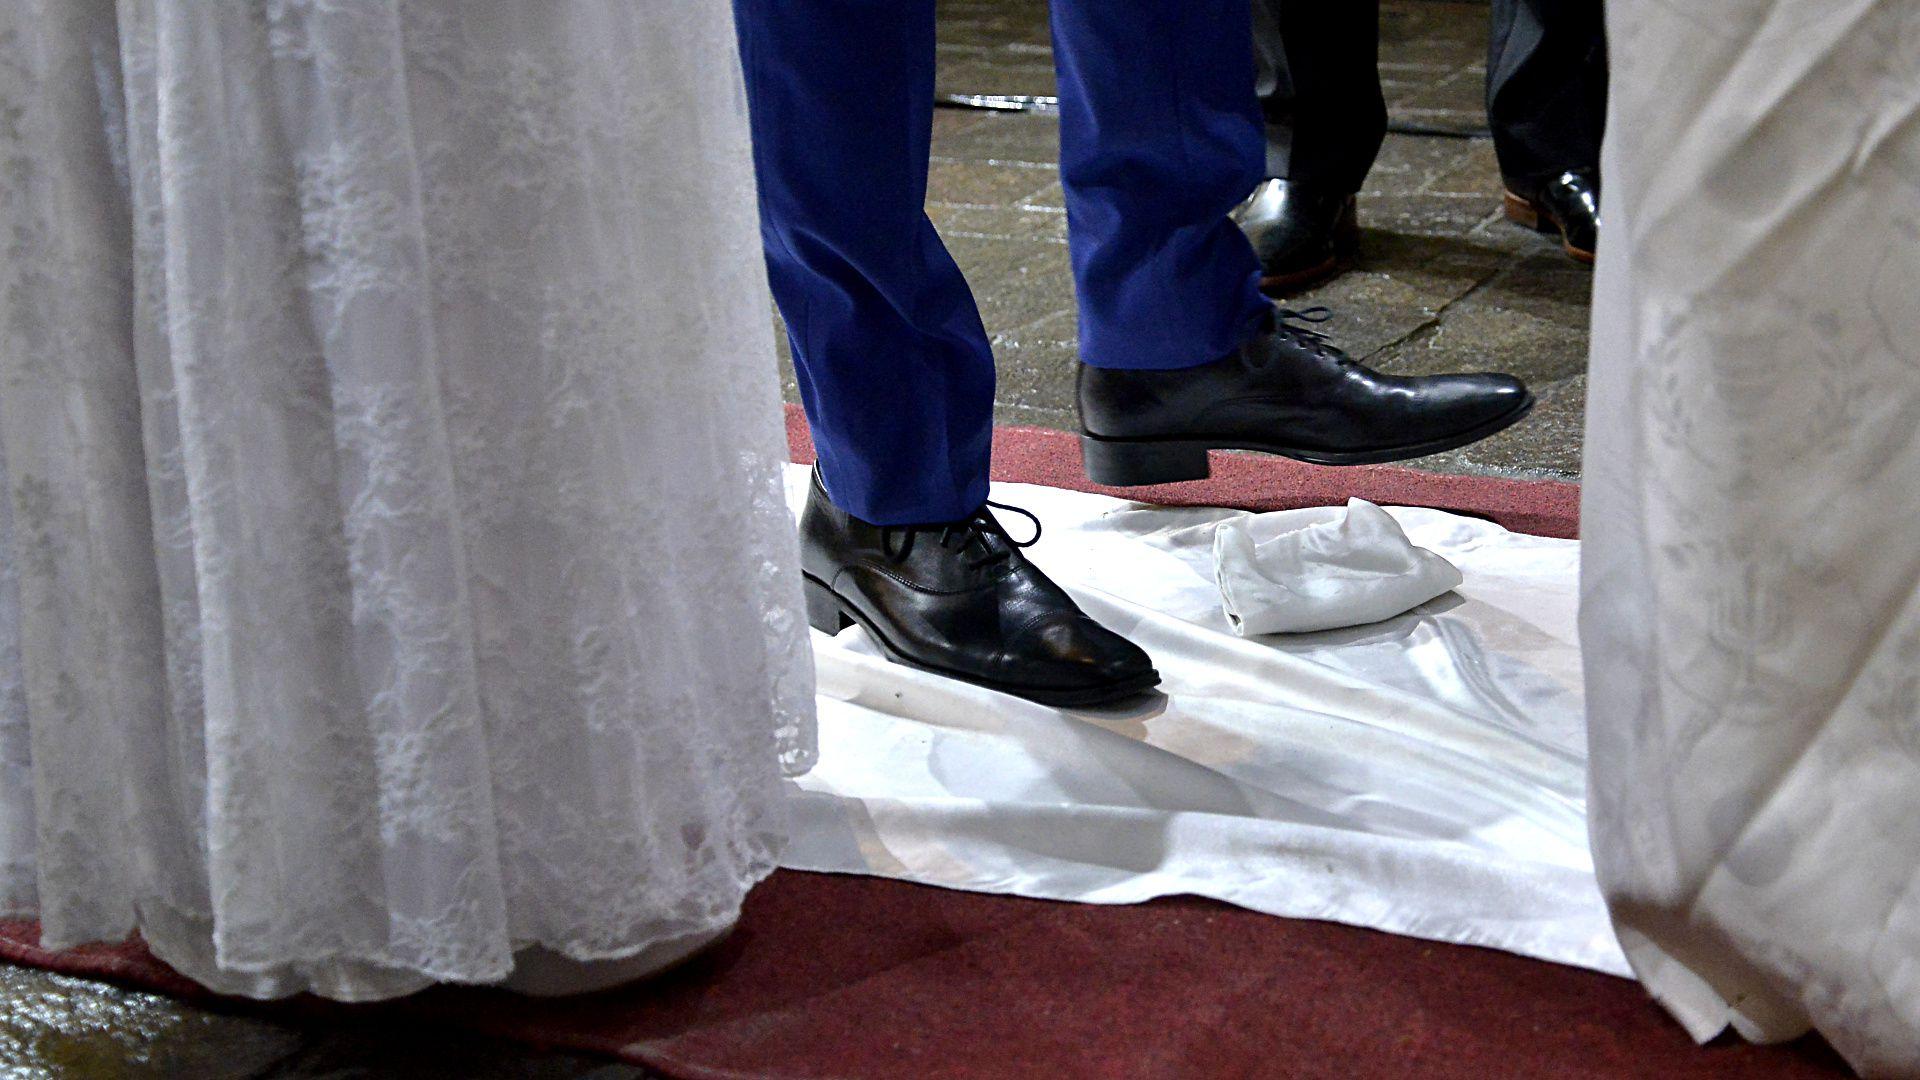 El momento en que Nicolás rompió la tradicional copa, al final de la boda